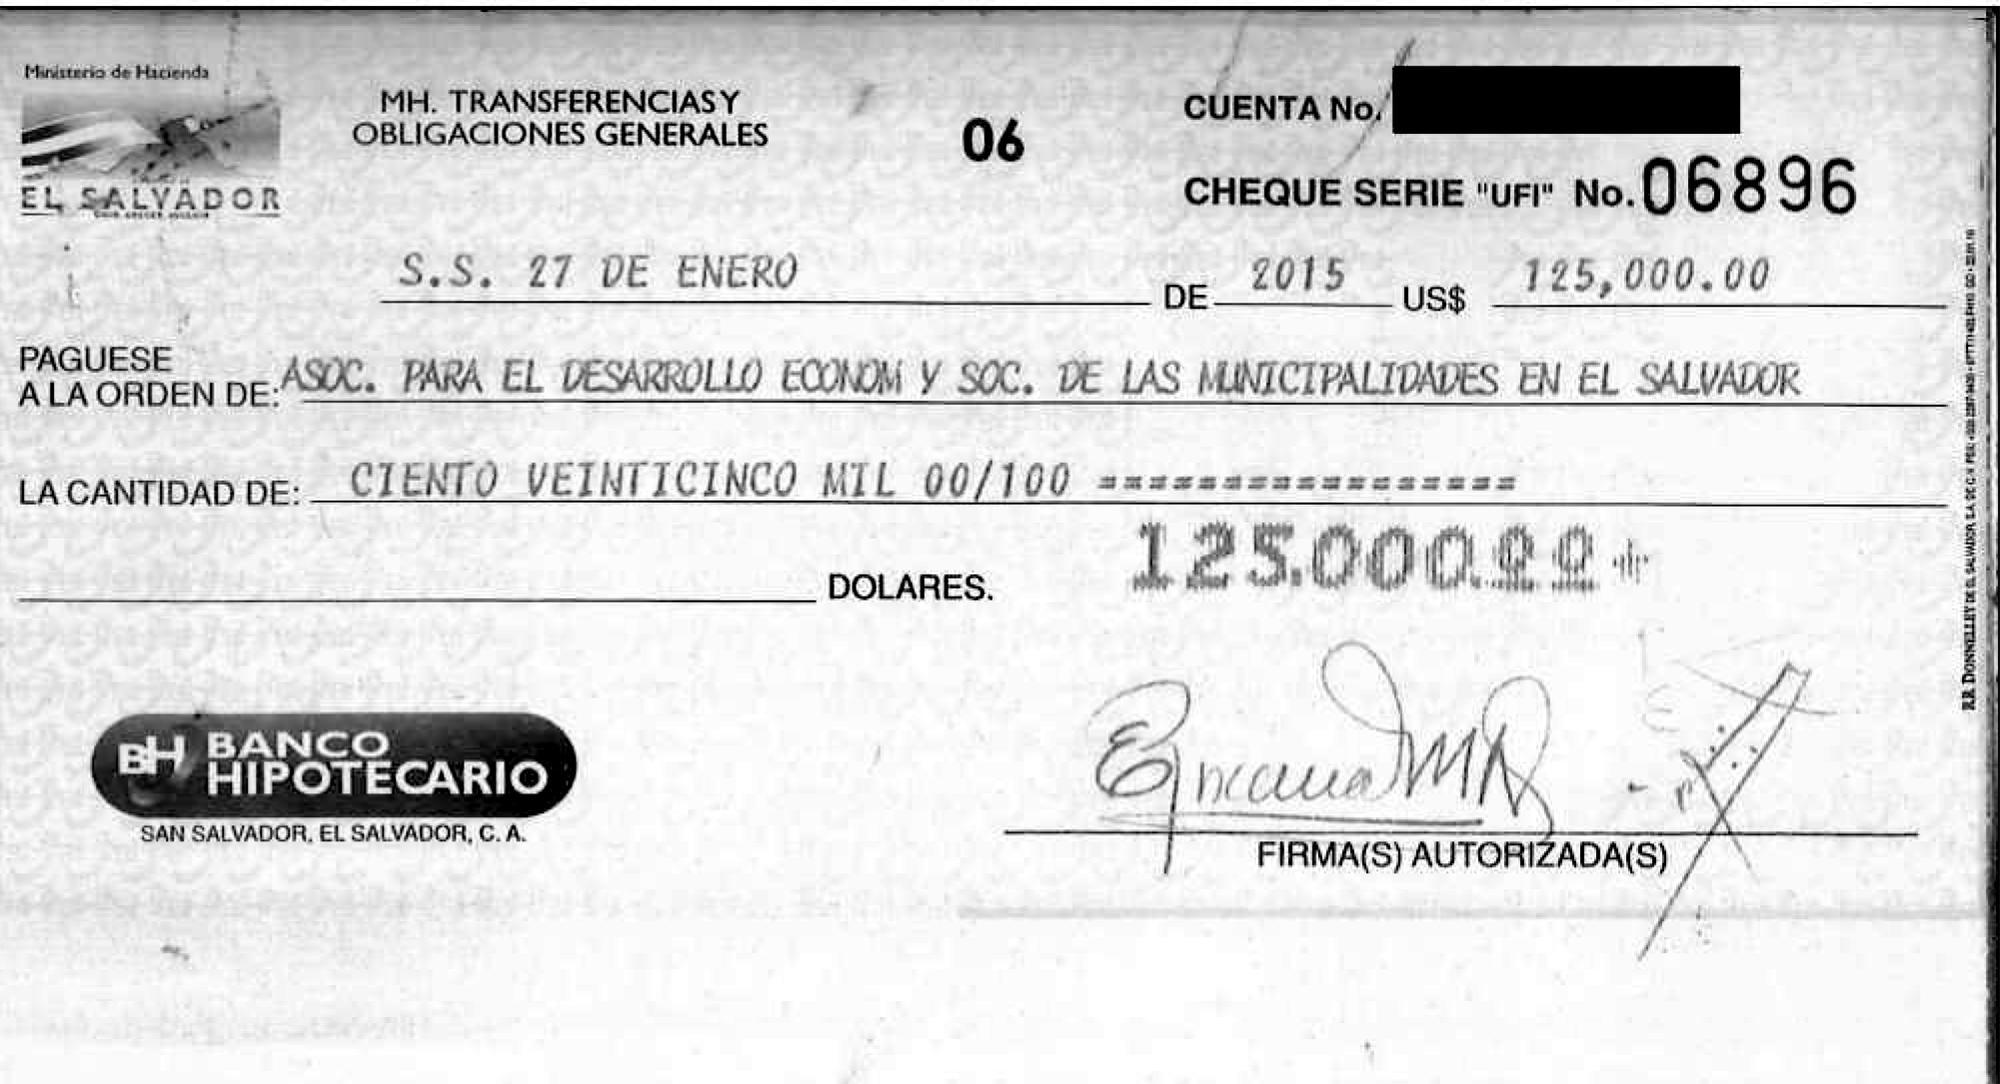 El primer desembolso para la asociación ocurrió el 27 de enero de 2015, casi dos semanas después de que Ana Dolly Valiente comprara un vehículo usado a precio de nuevo por 45 mil dólares. Cheque obtenido del Ministerio de Hacienda mediante la ley de acceso a la información pública.